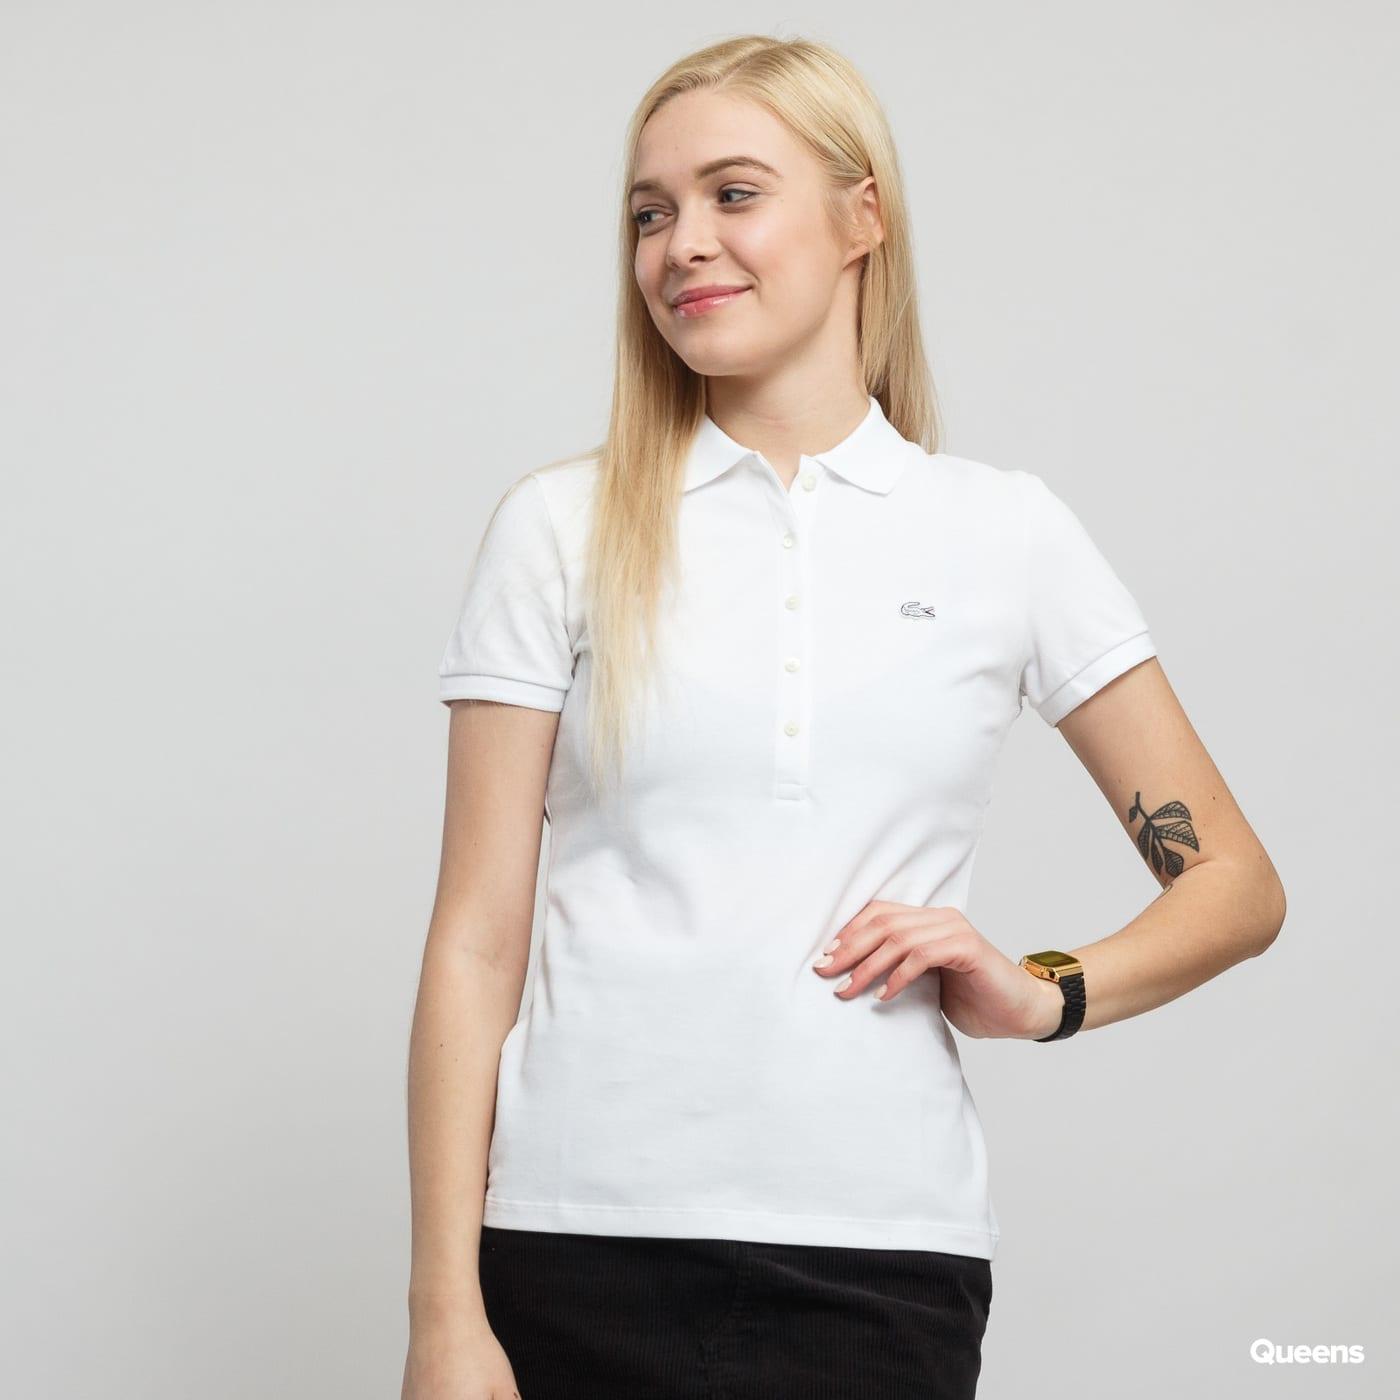 9e72ca0851 Dámske tričko LACOSTE Woman Polo Tee biele (PF7845) – Queens 💚